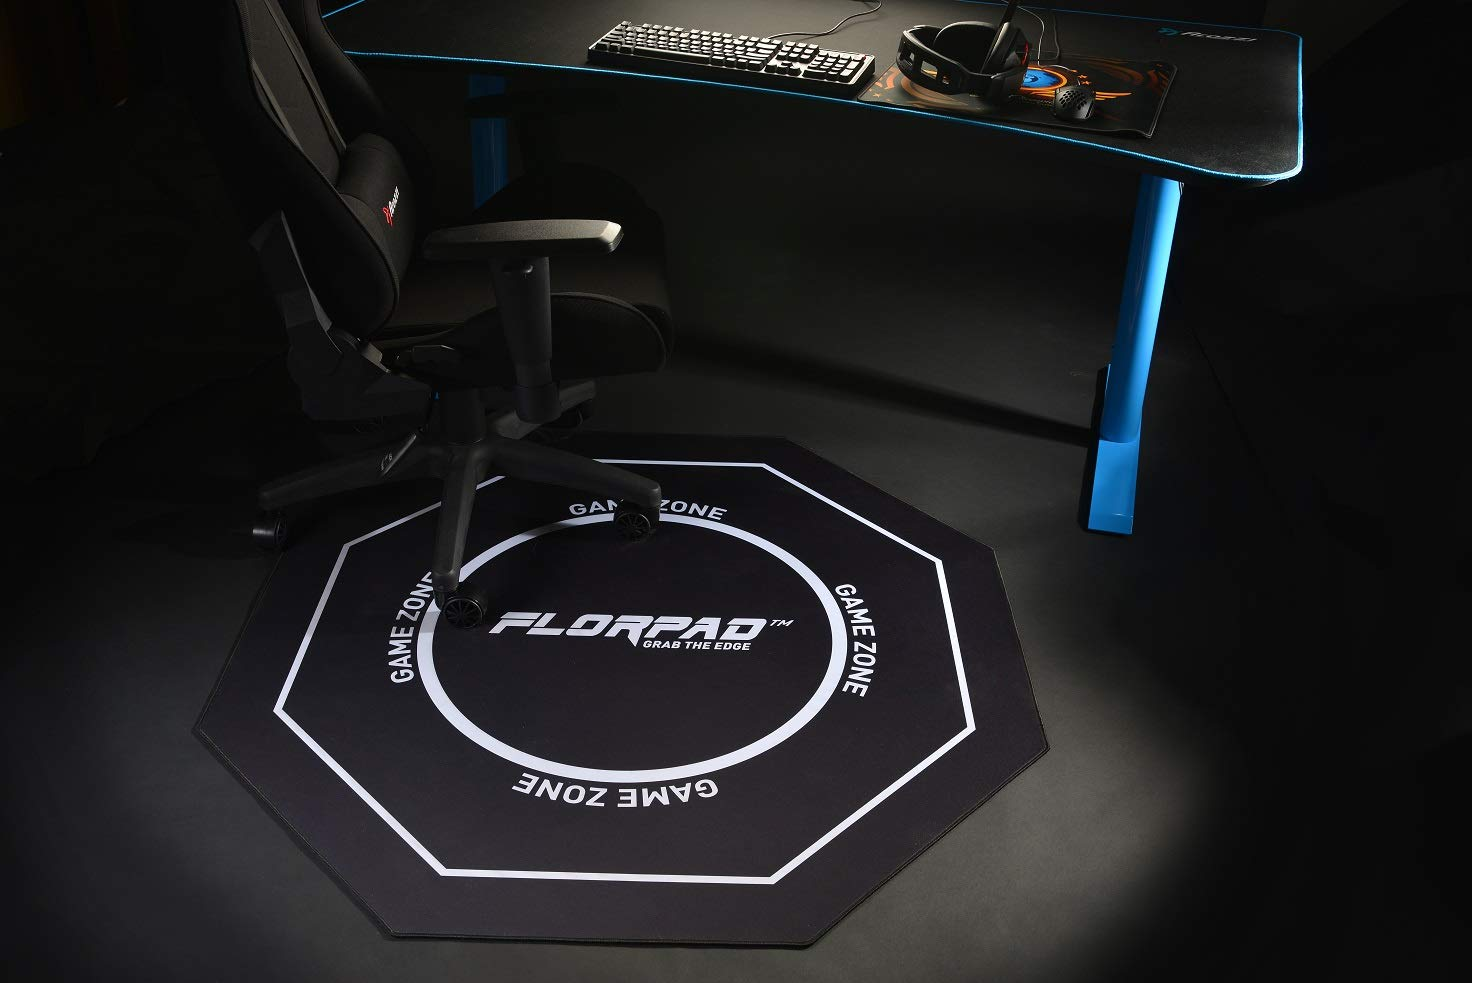 Florpad - Game Zone - Tapete Protector para el Piso y la Alfombra de la Silla de Juego para el Escritorio en el hogar - Resistente al Agua - Apto para ...